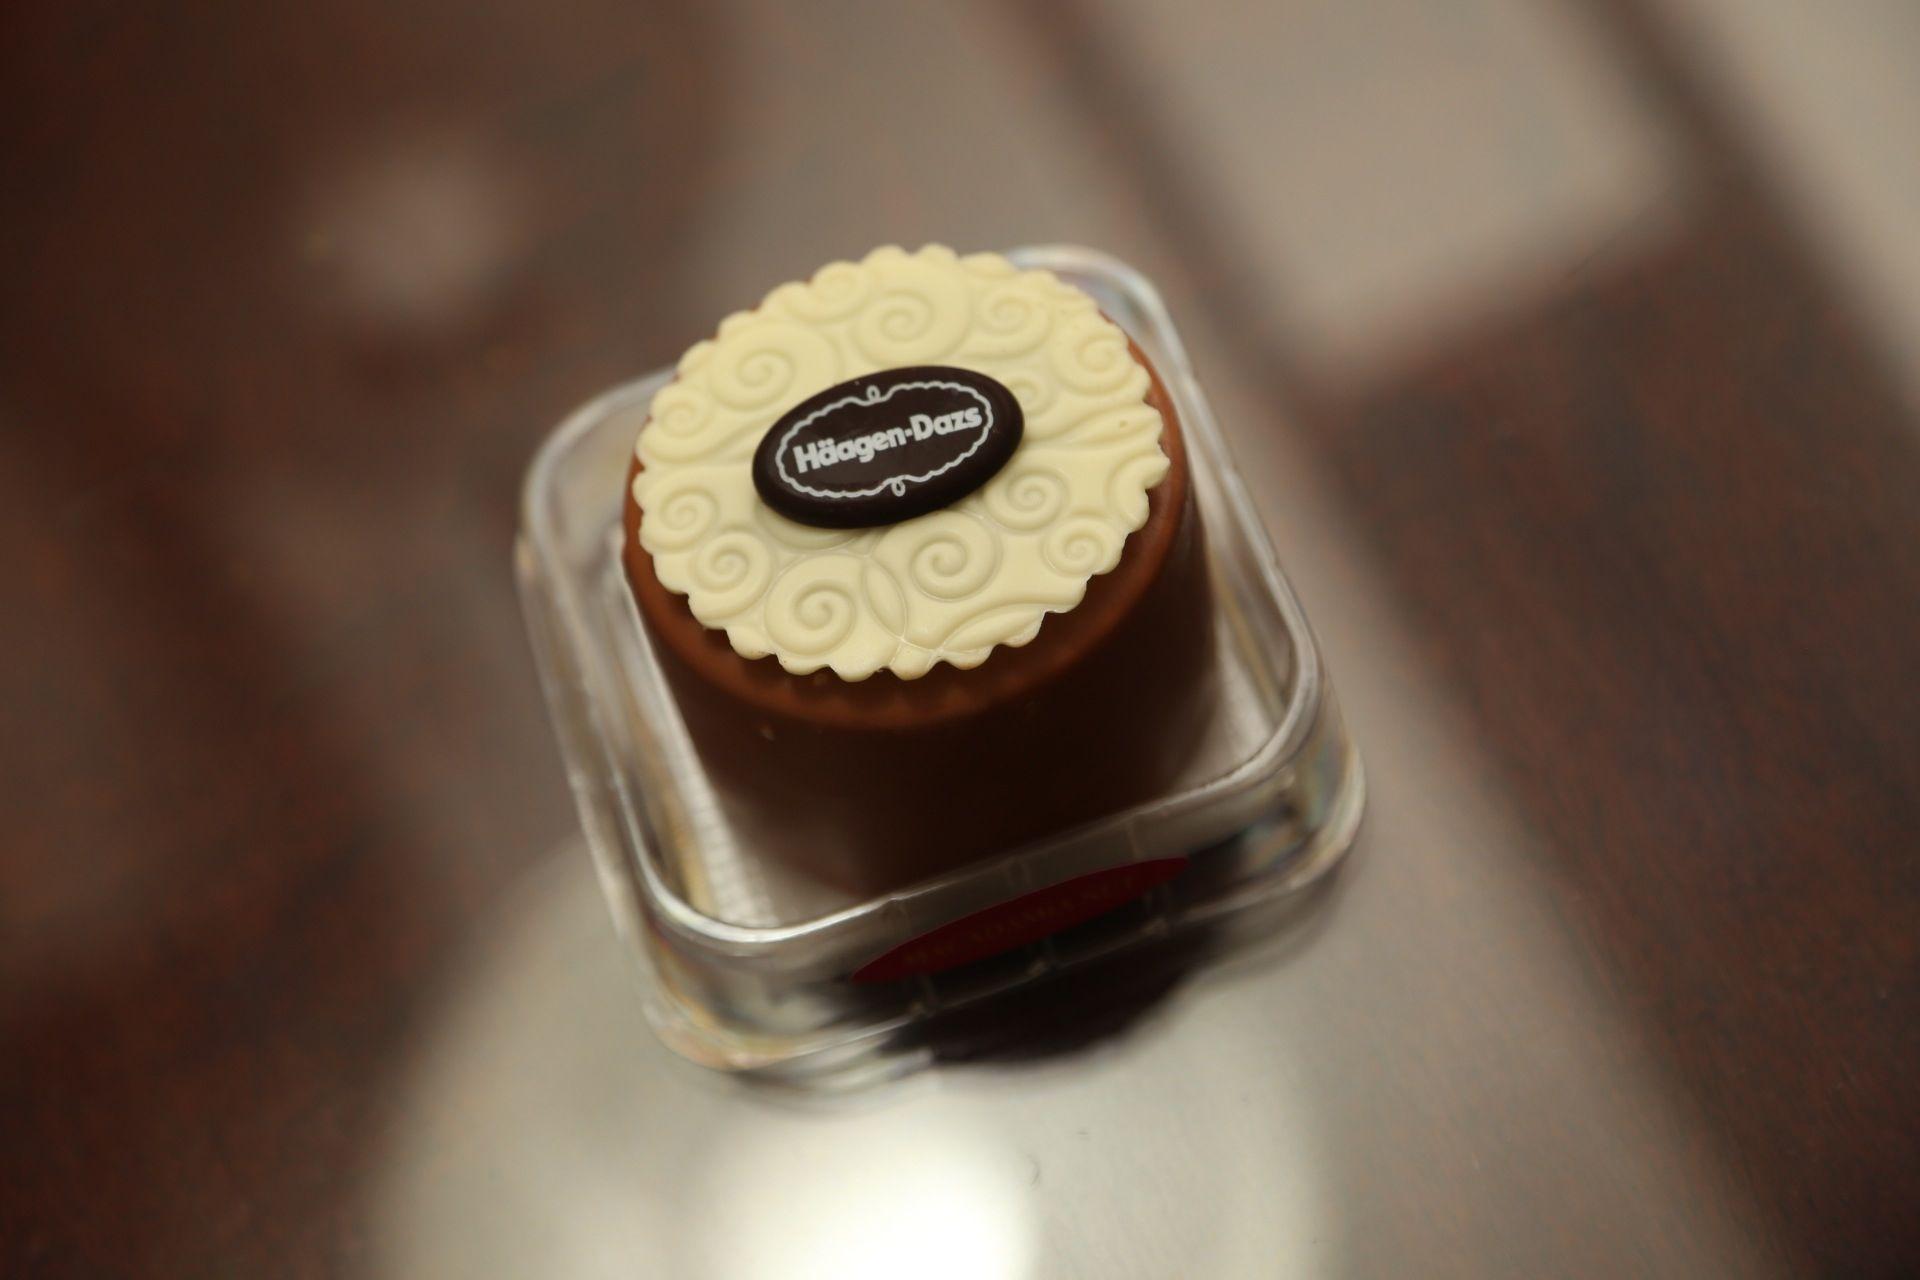 Haagendazs ice cream mooncakes